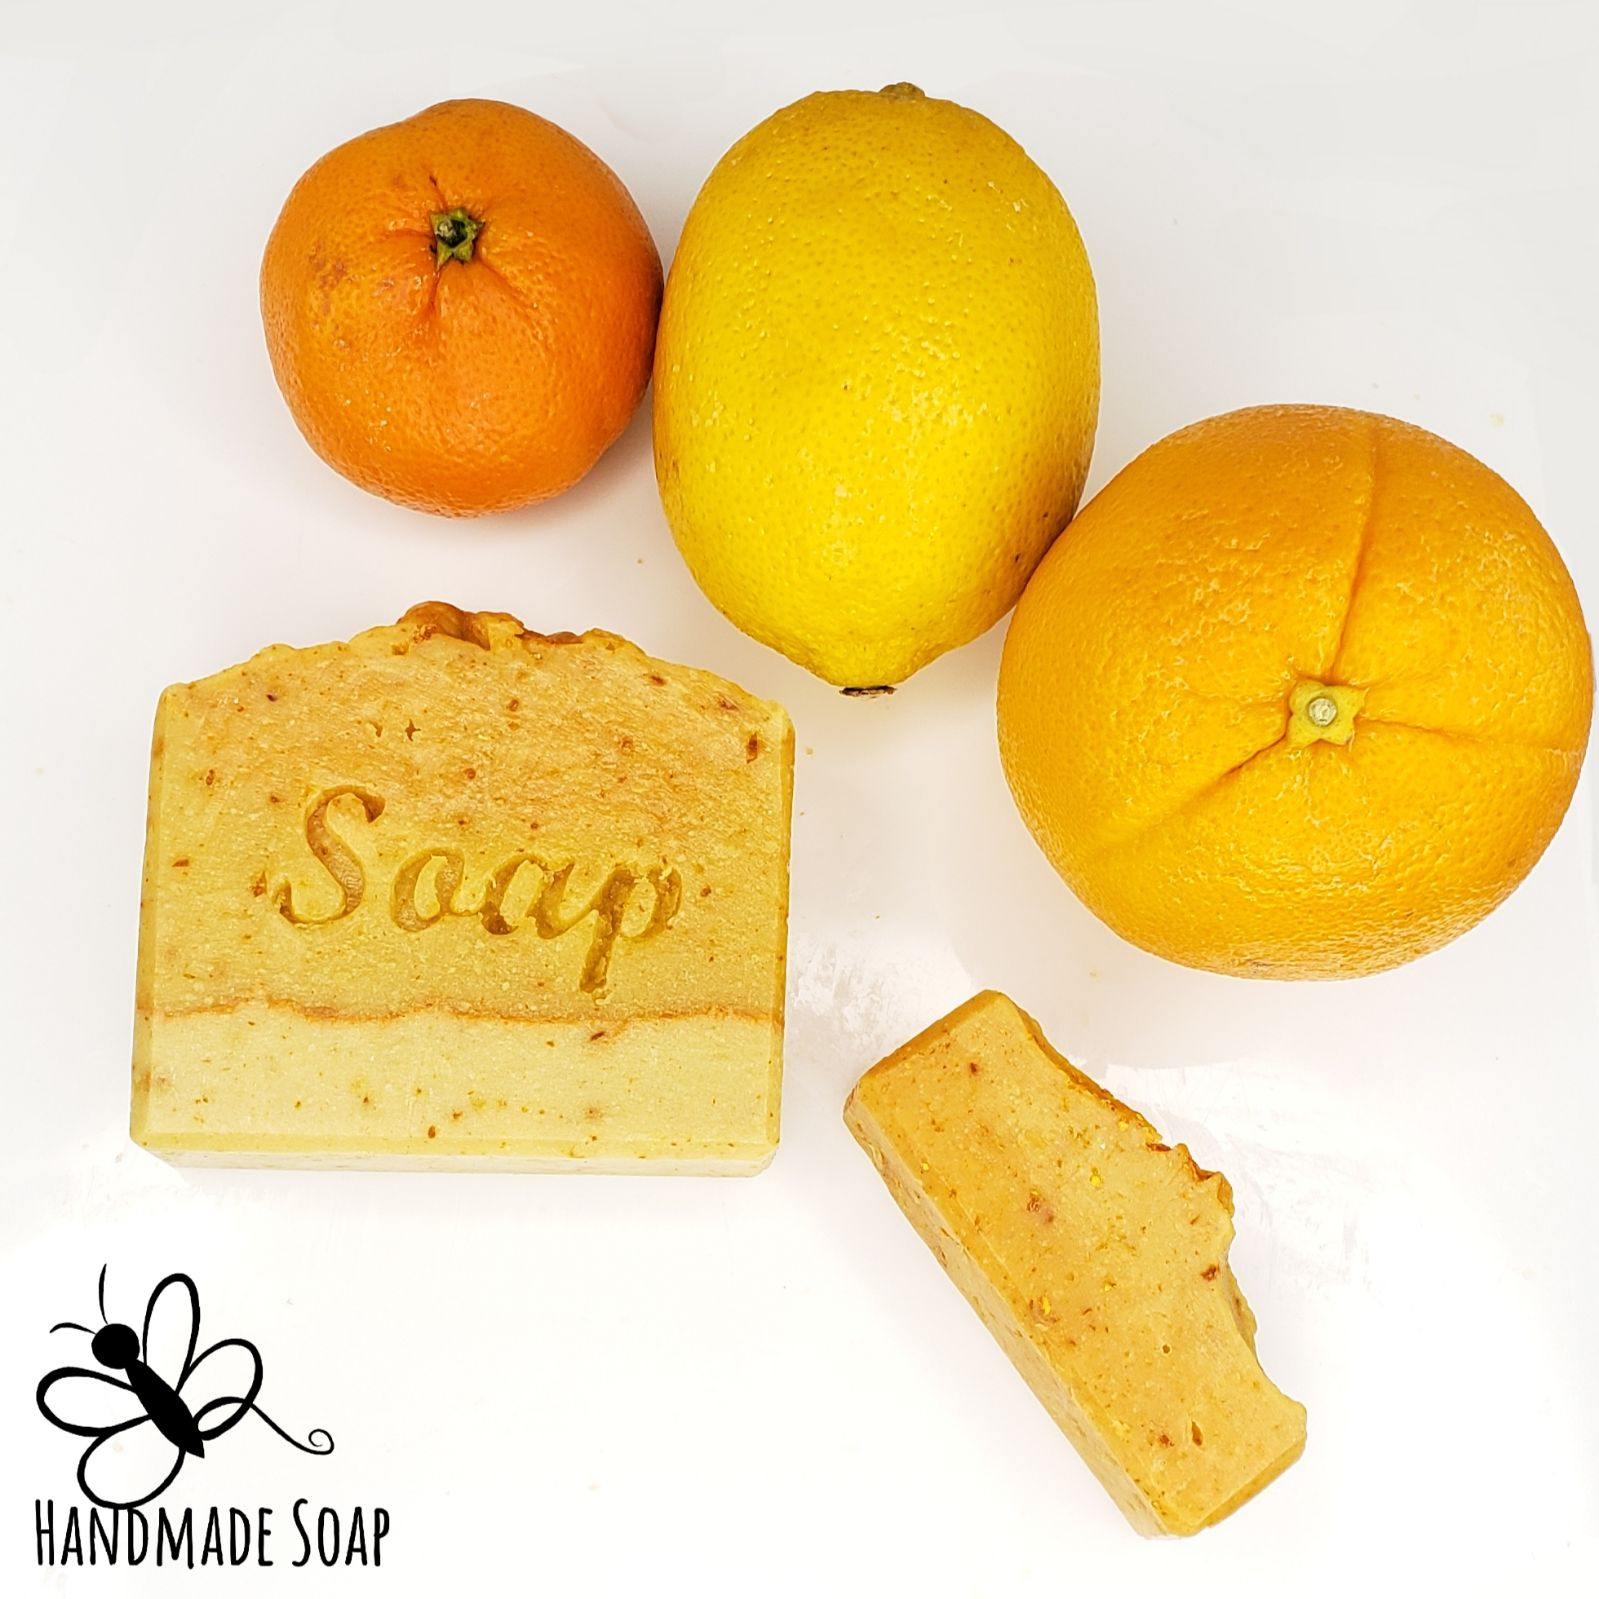 BBR's Handmade Citrus Burst Soap